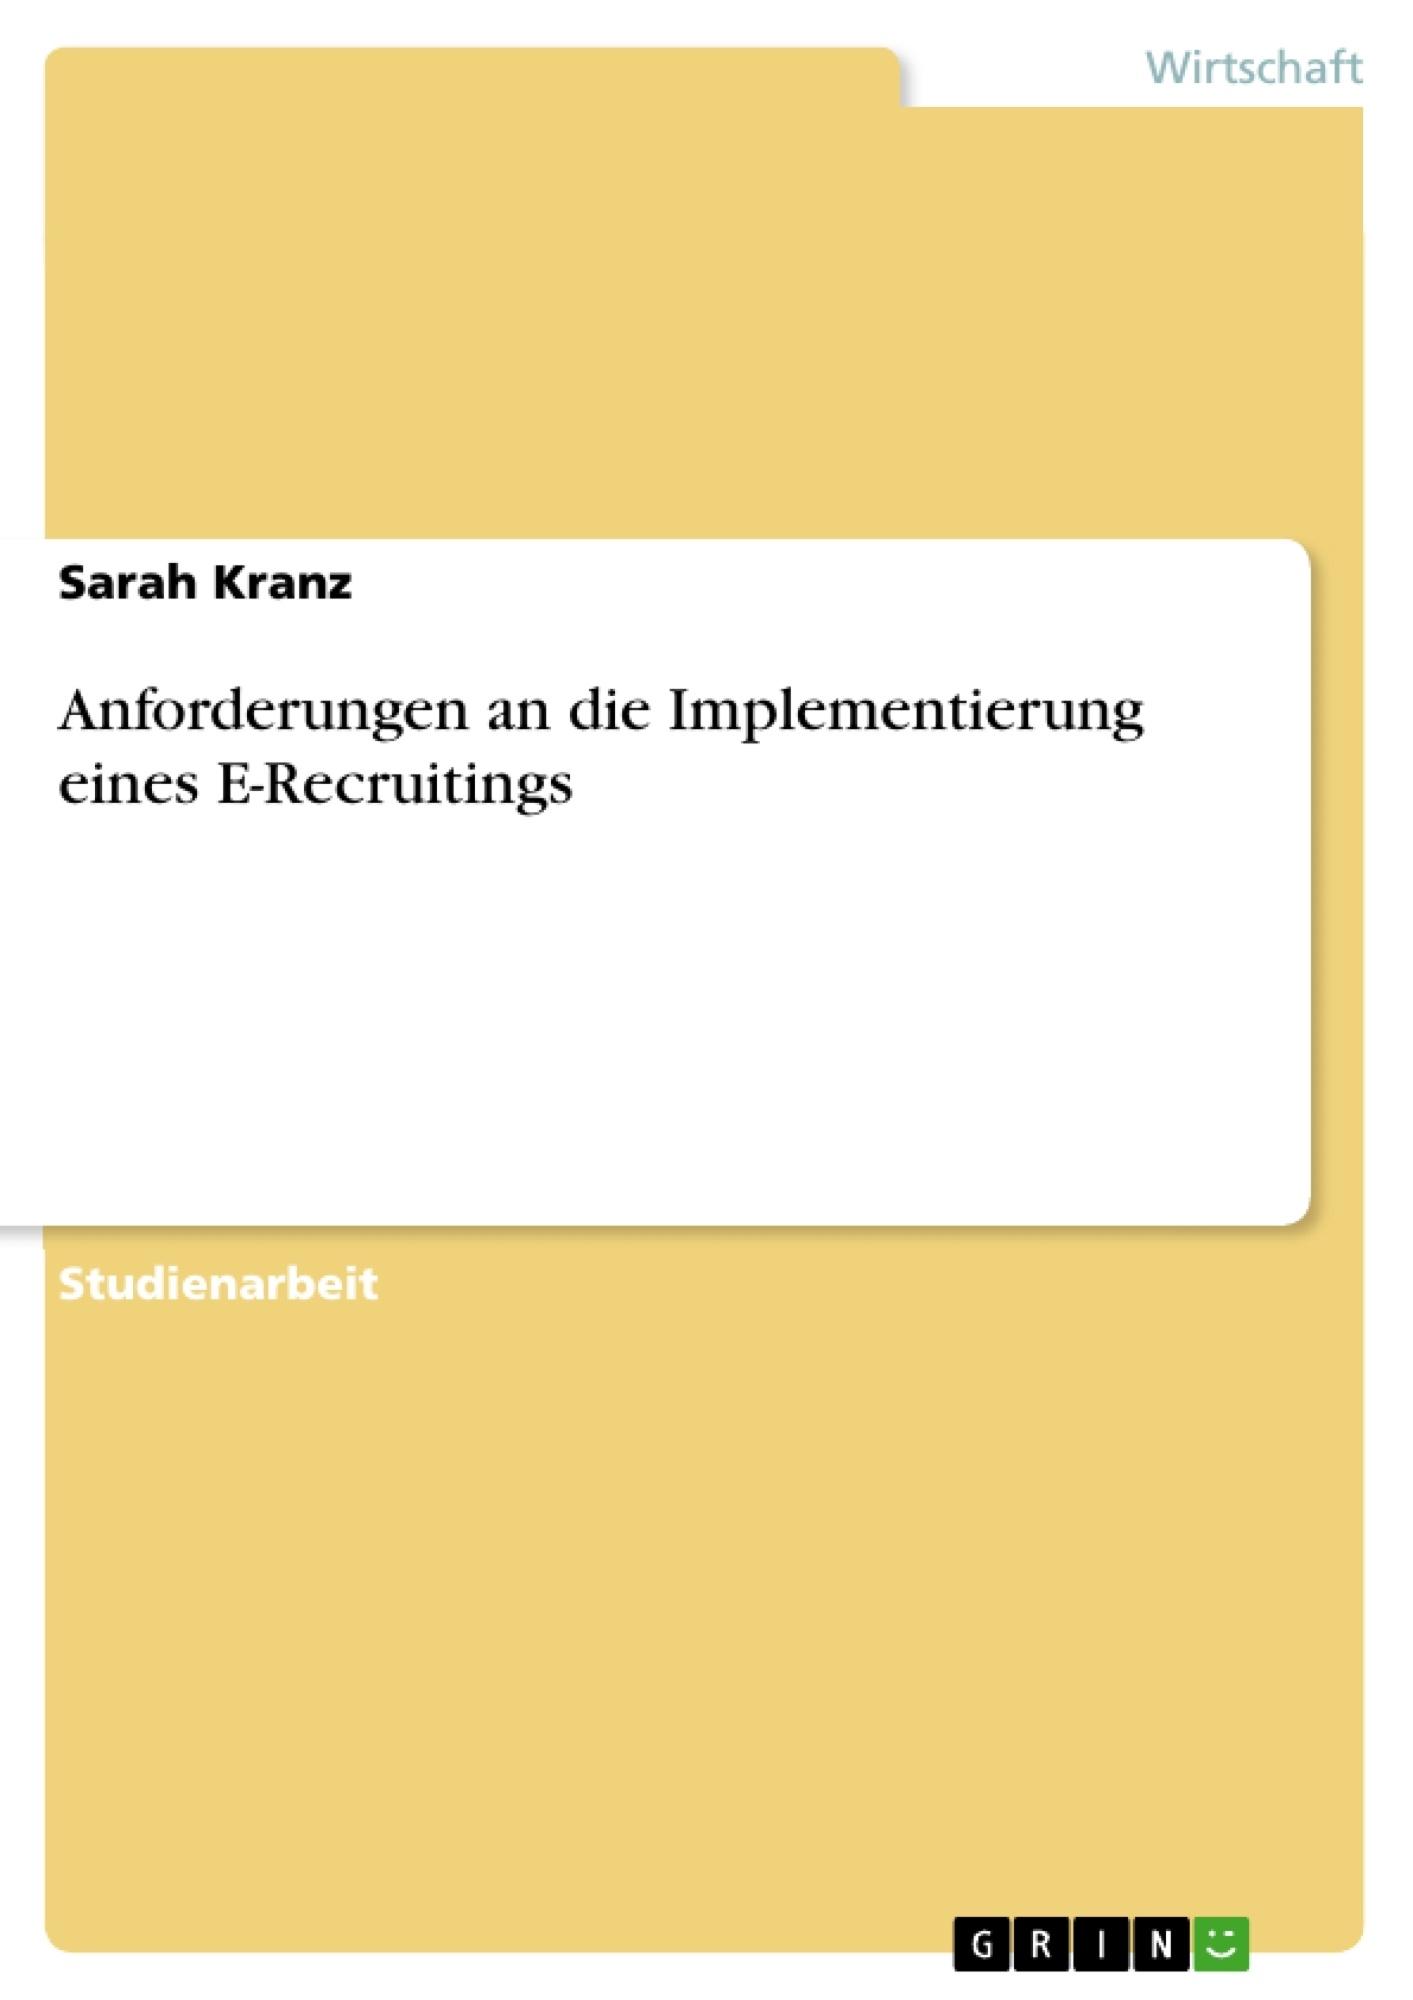 Titel: Anforderungen an die Implementierung eines E-Recruitings